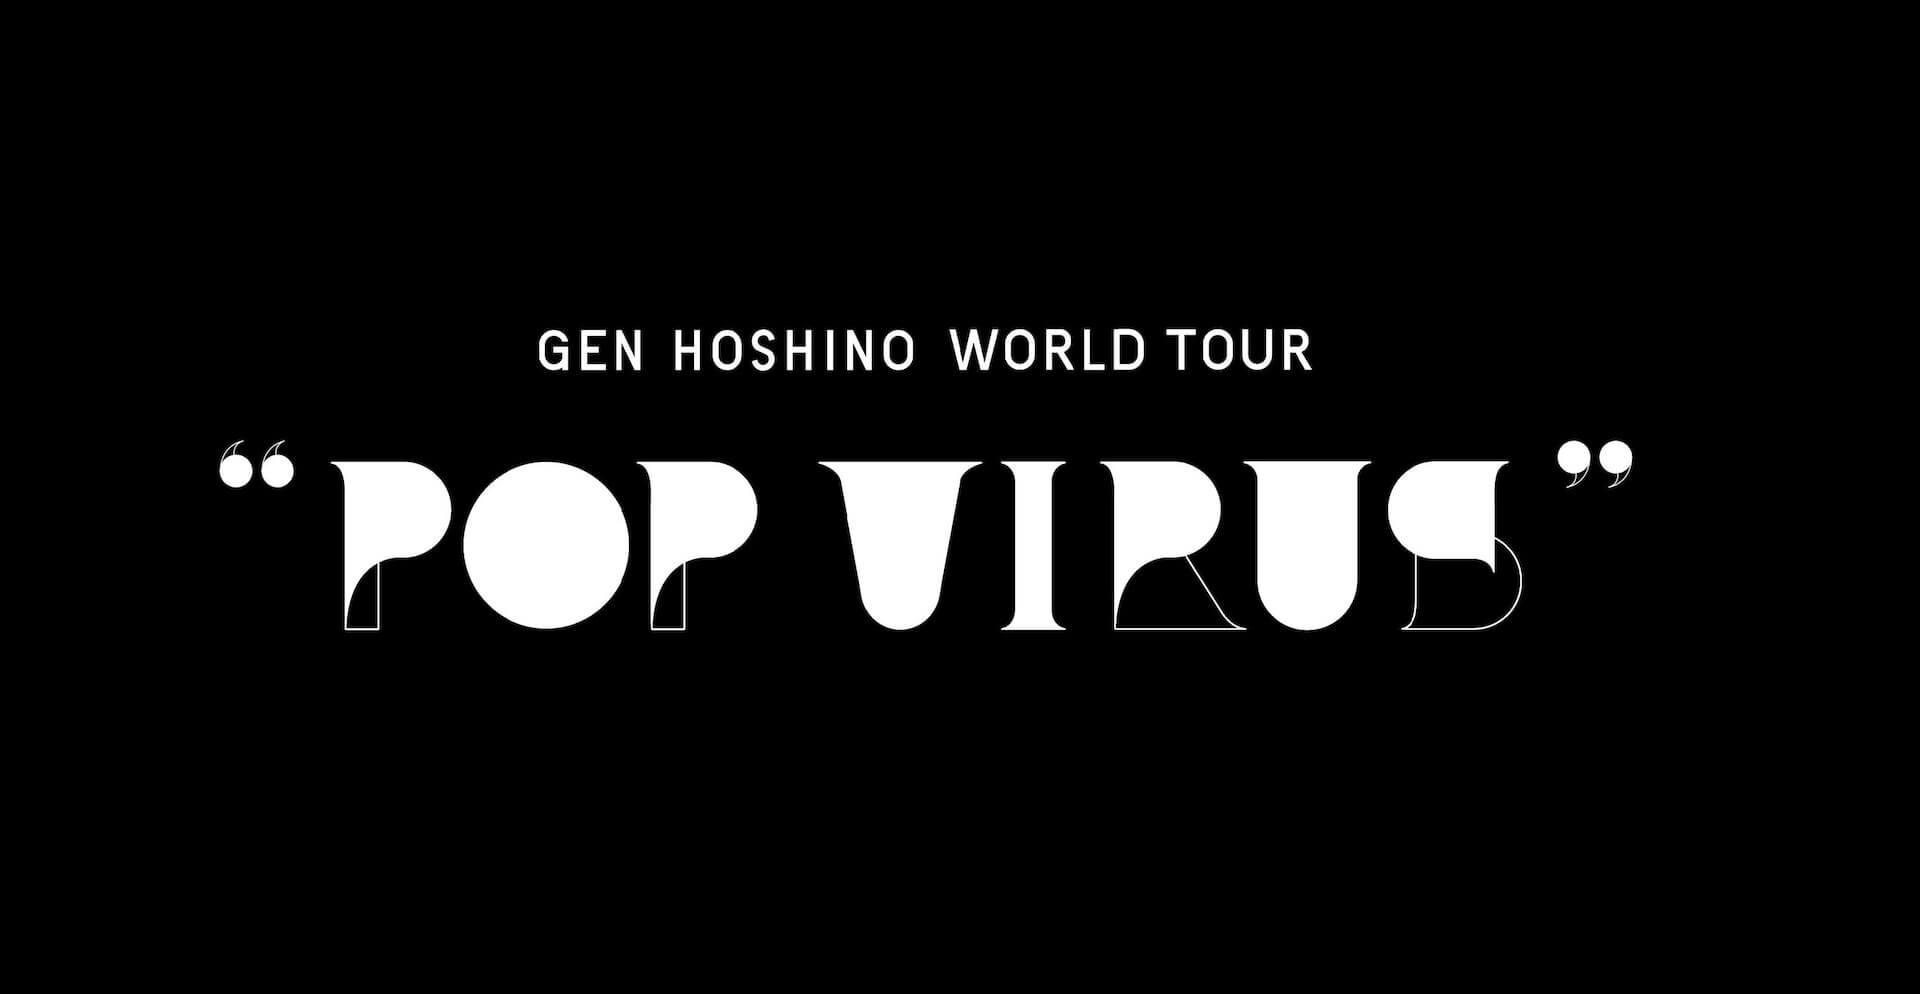 星野源、Apple Music、Spotifyほかで全世界に向けストリーミング開始|ワールドツアーの開催、公式インスタ開設を発表 music190820-genhoshino-2